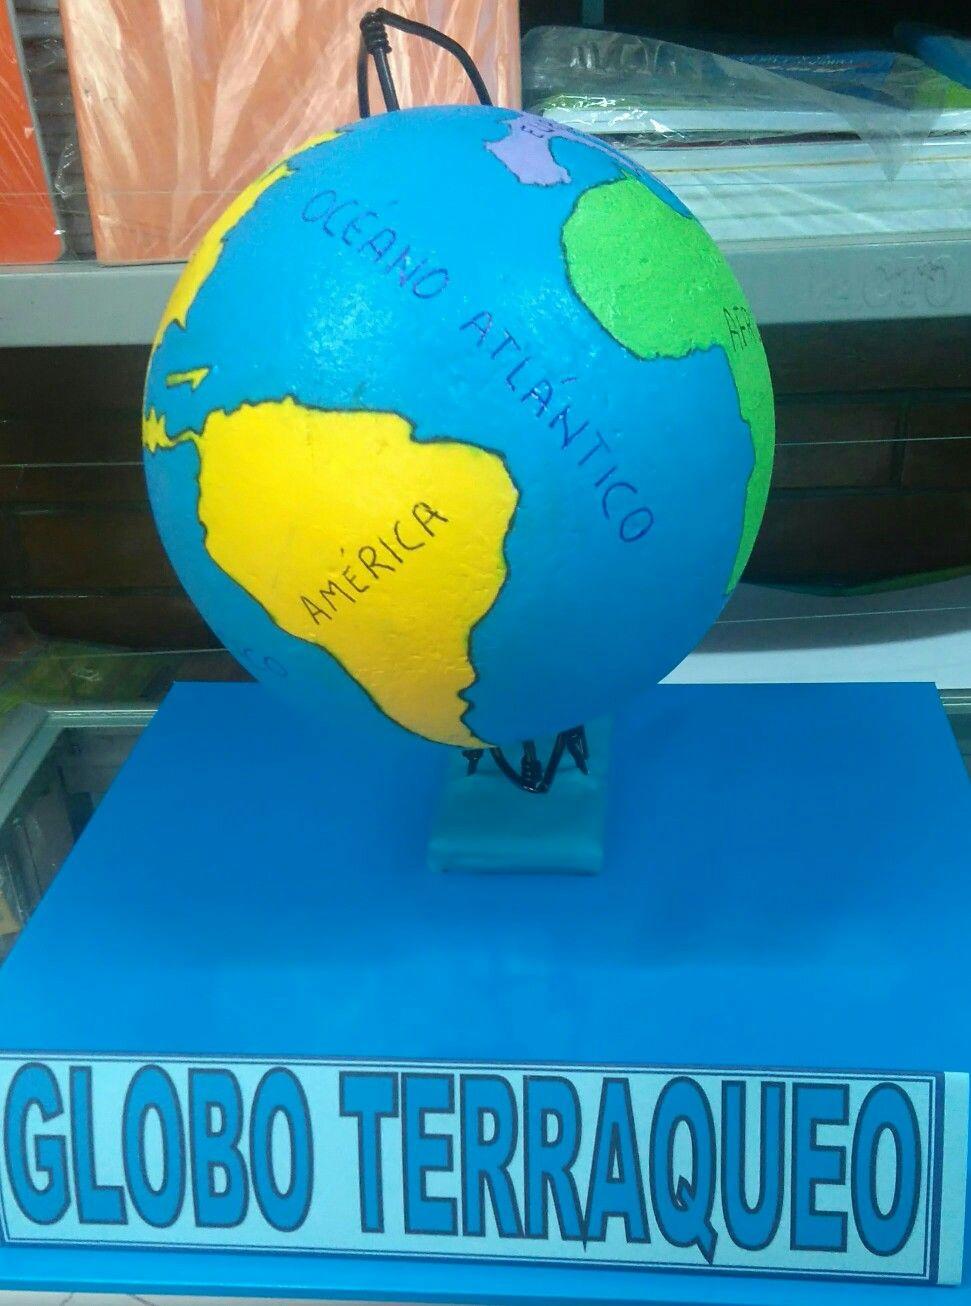 Globo Terraqueo Como Hacer Un Globo Geografia Para Ninos Metodos De Aprendizaje